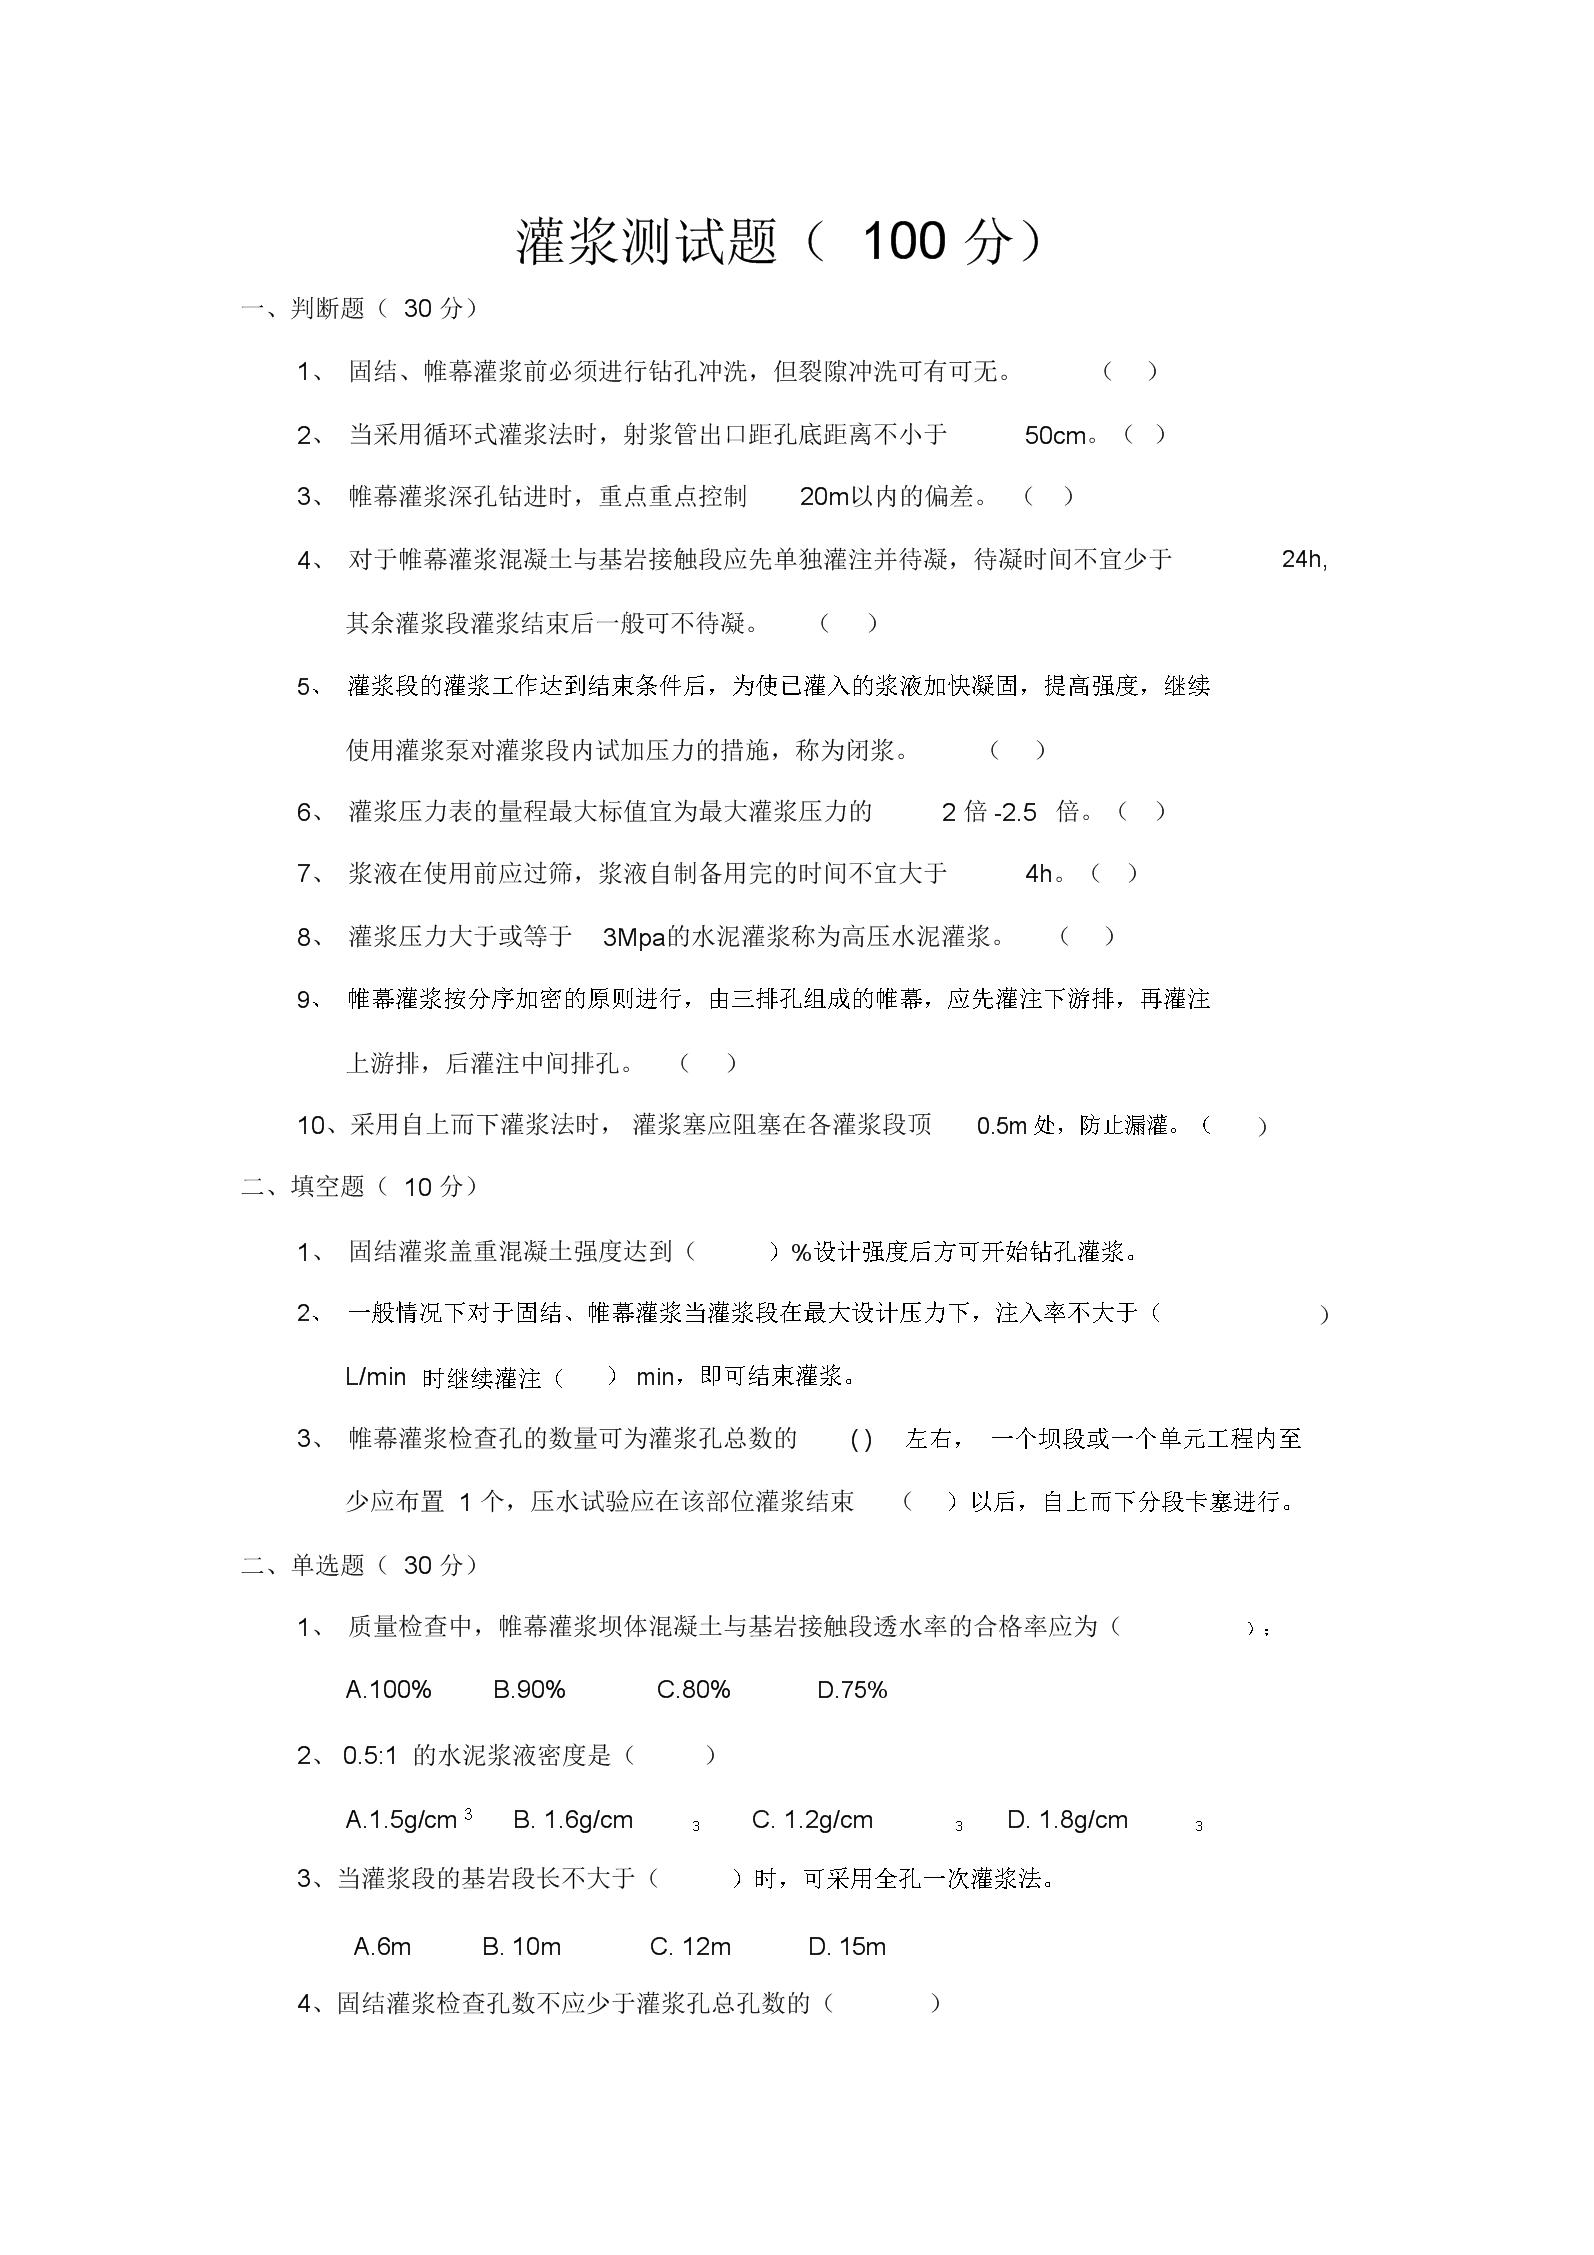 (完整版)灌浆试题.doc